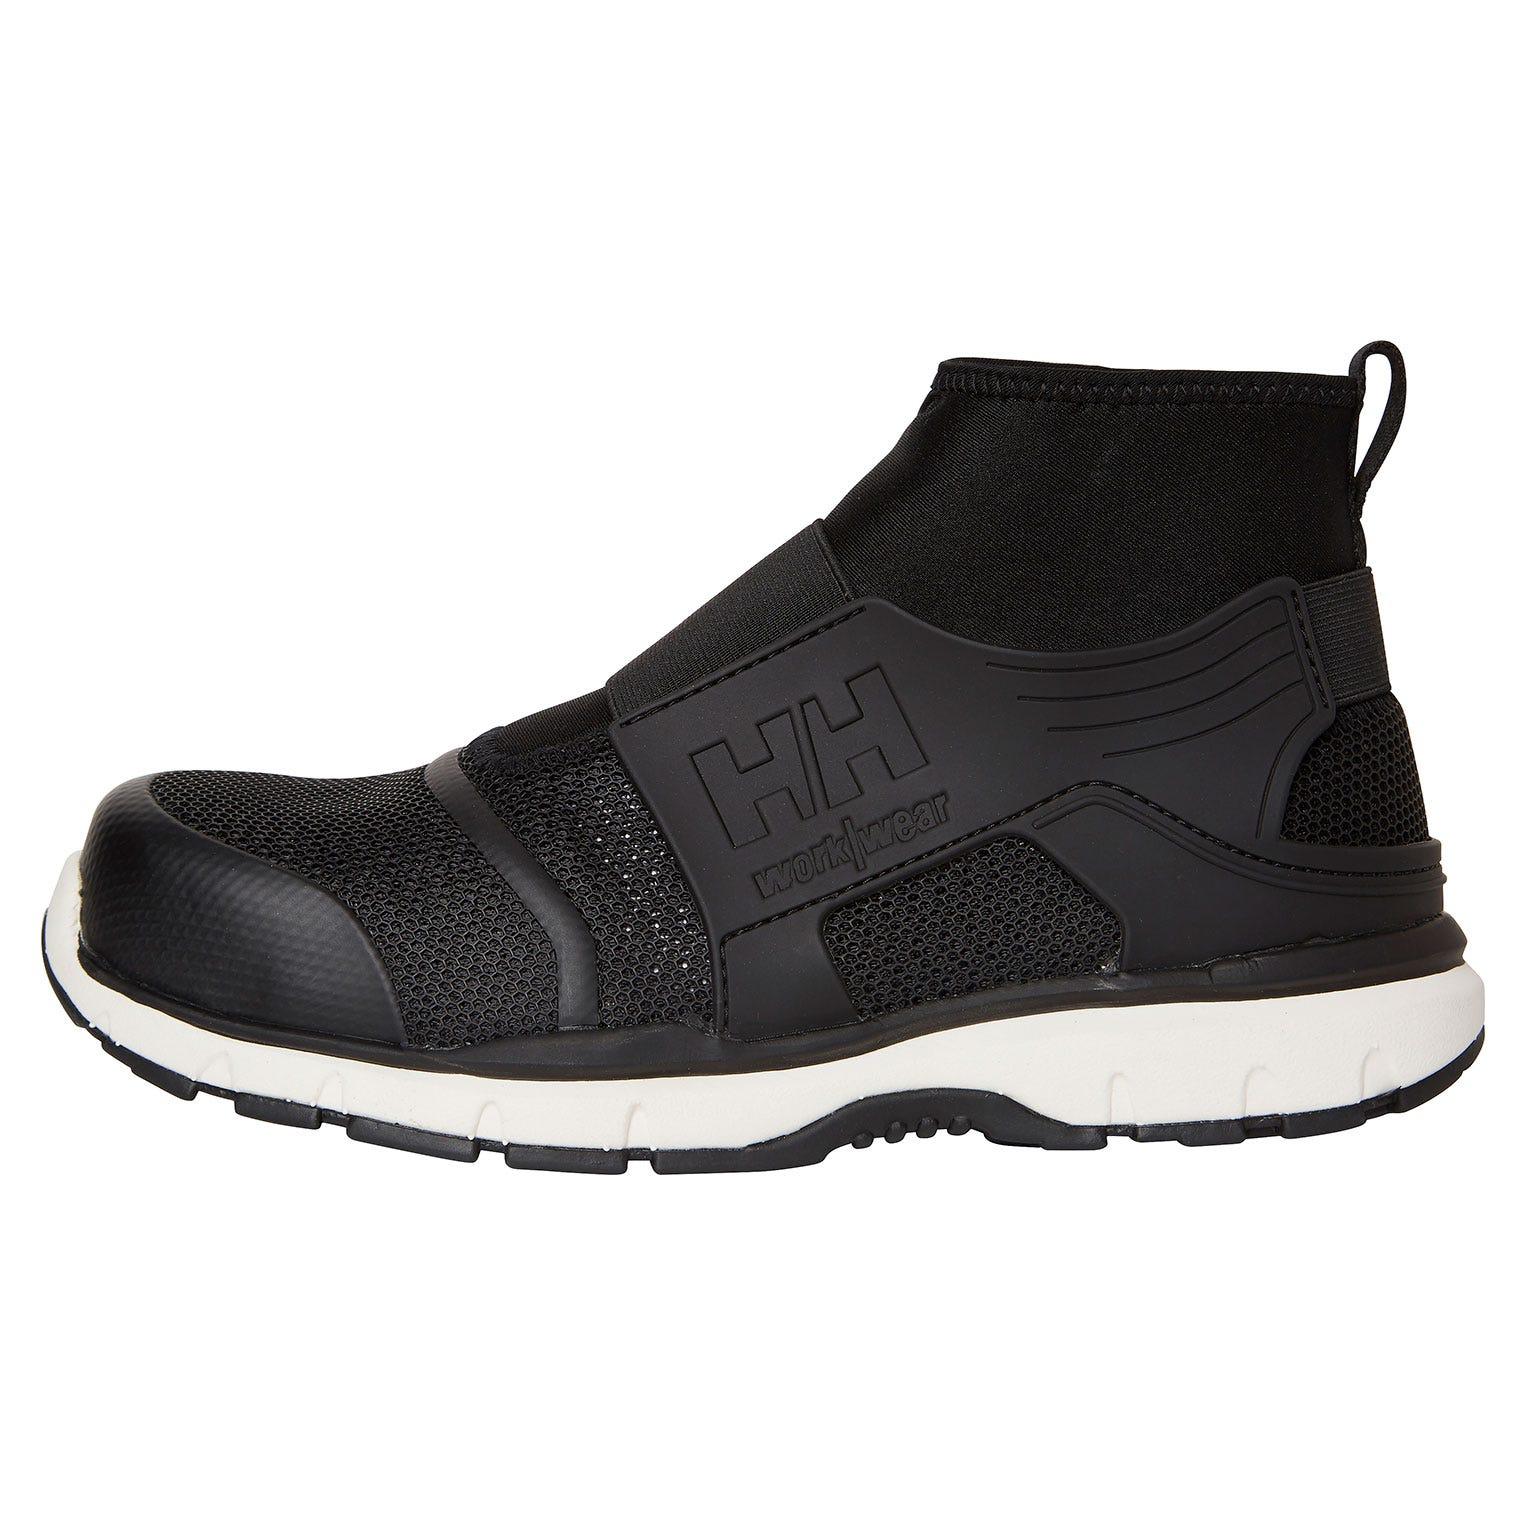 HH Workwear Helly Hansen Sandal Boot 39 Nero